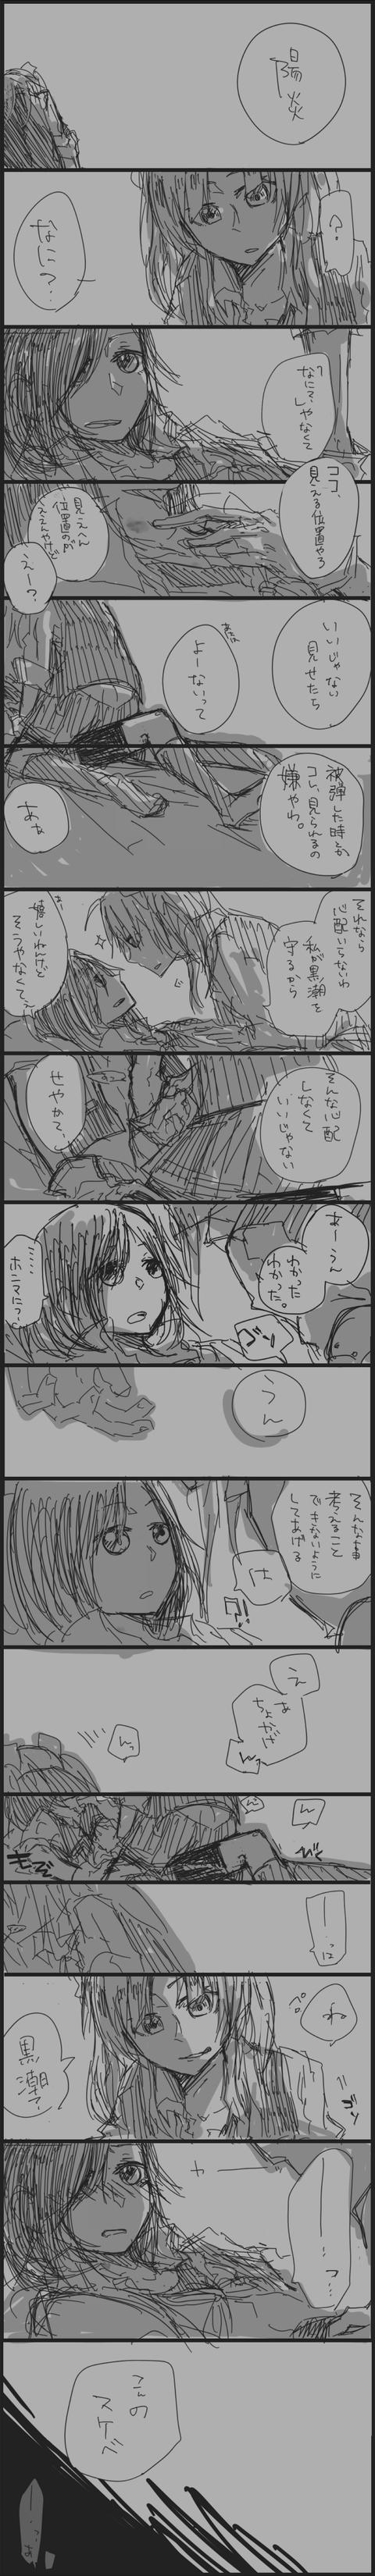 【エロ画像】 艦隊これくしょんでヌこうwwwwwwPart5914